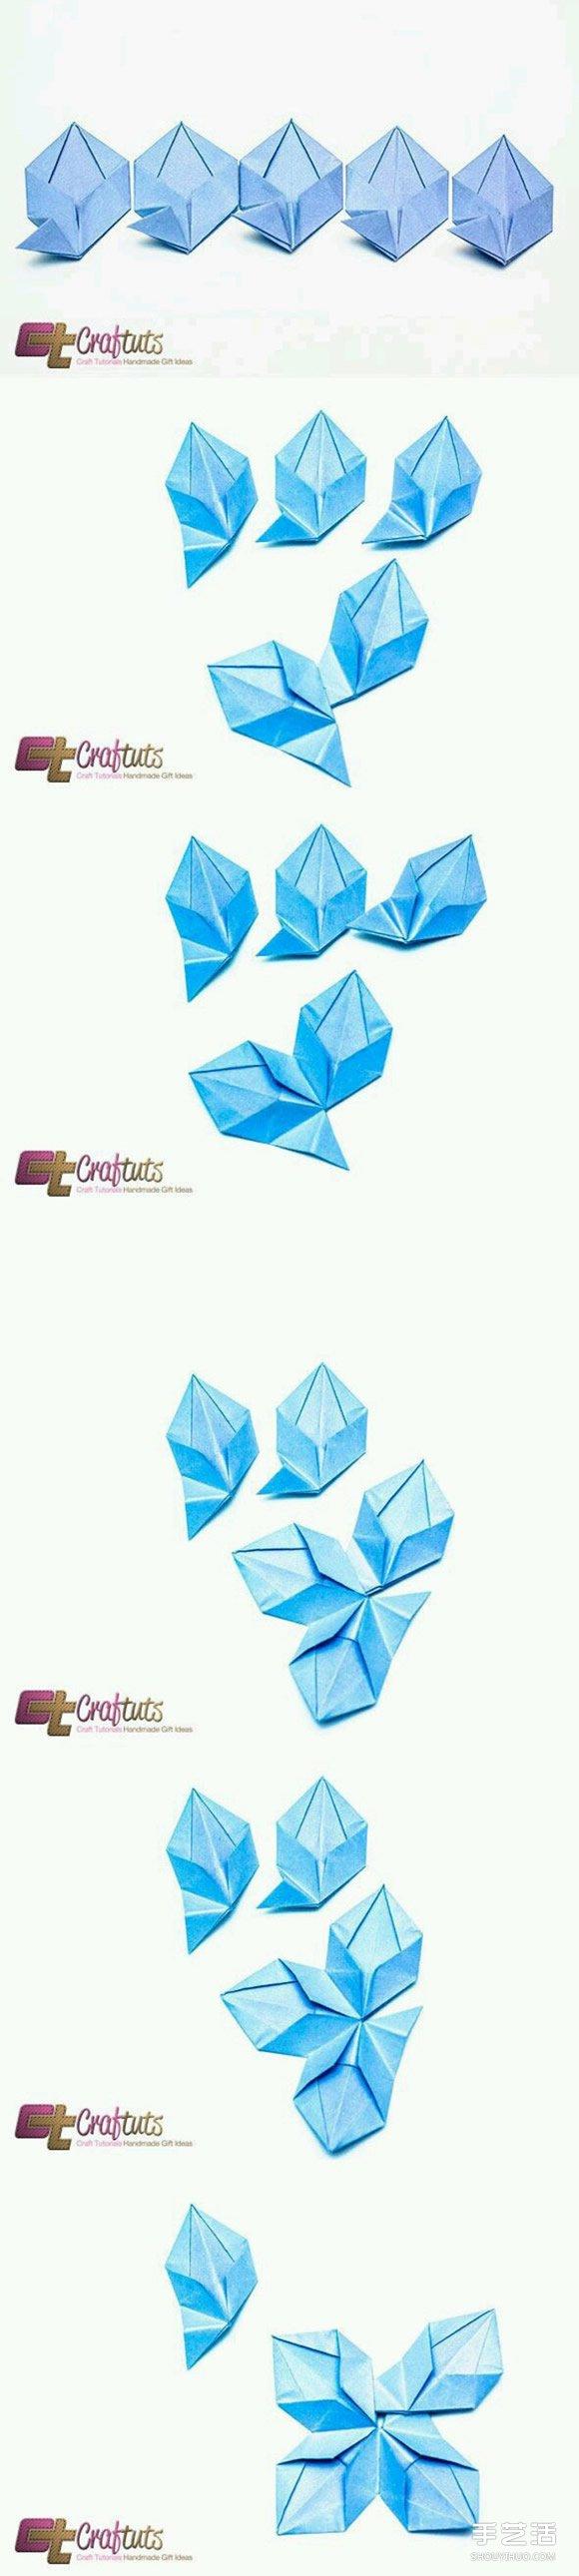 折纸五角星花图解 五角星花的折法详细步骤 -  www.shouyihuo.com